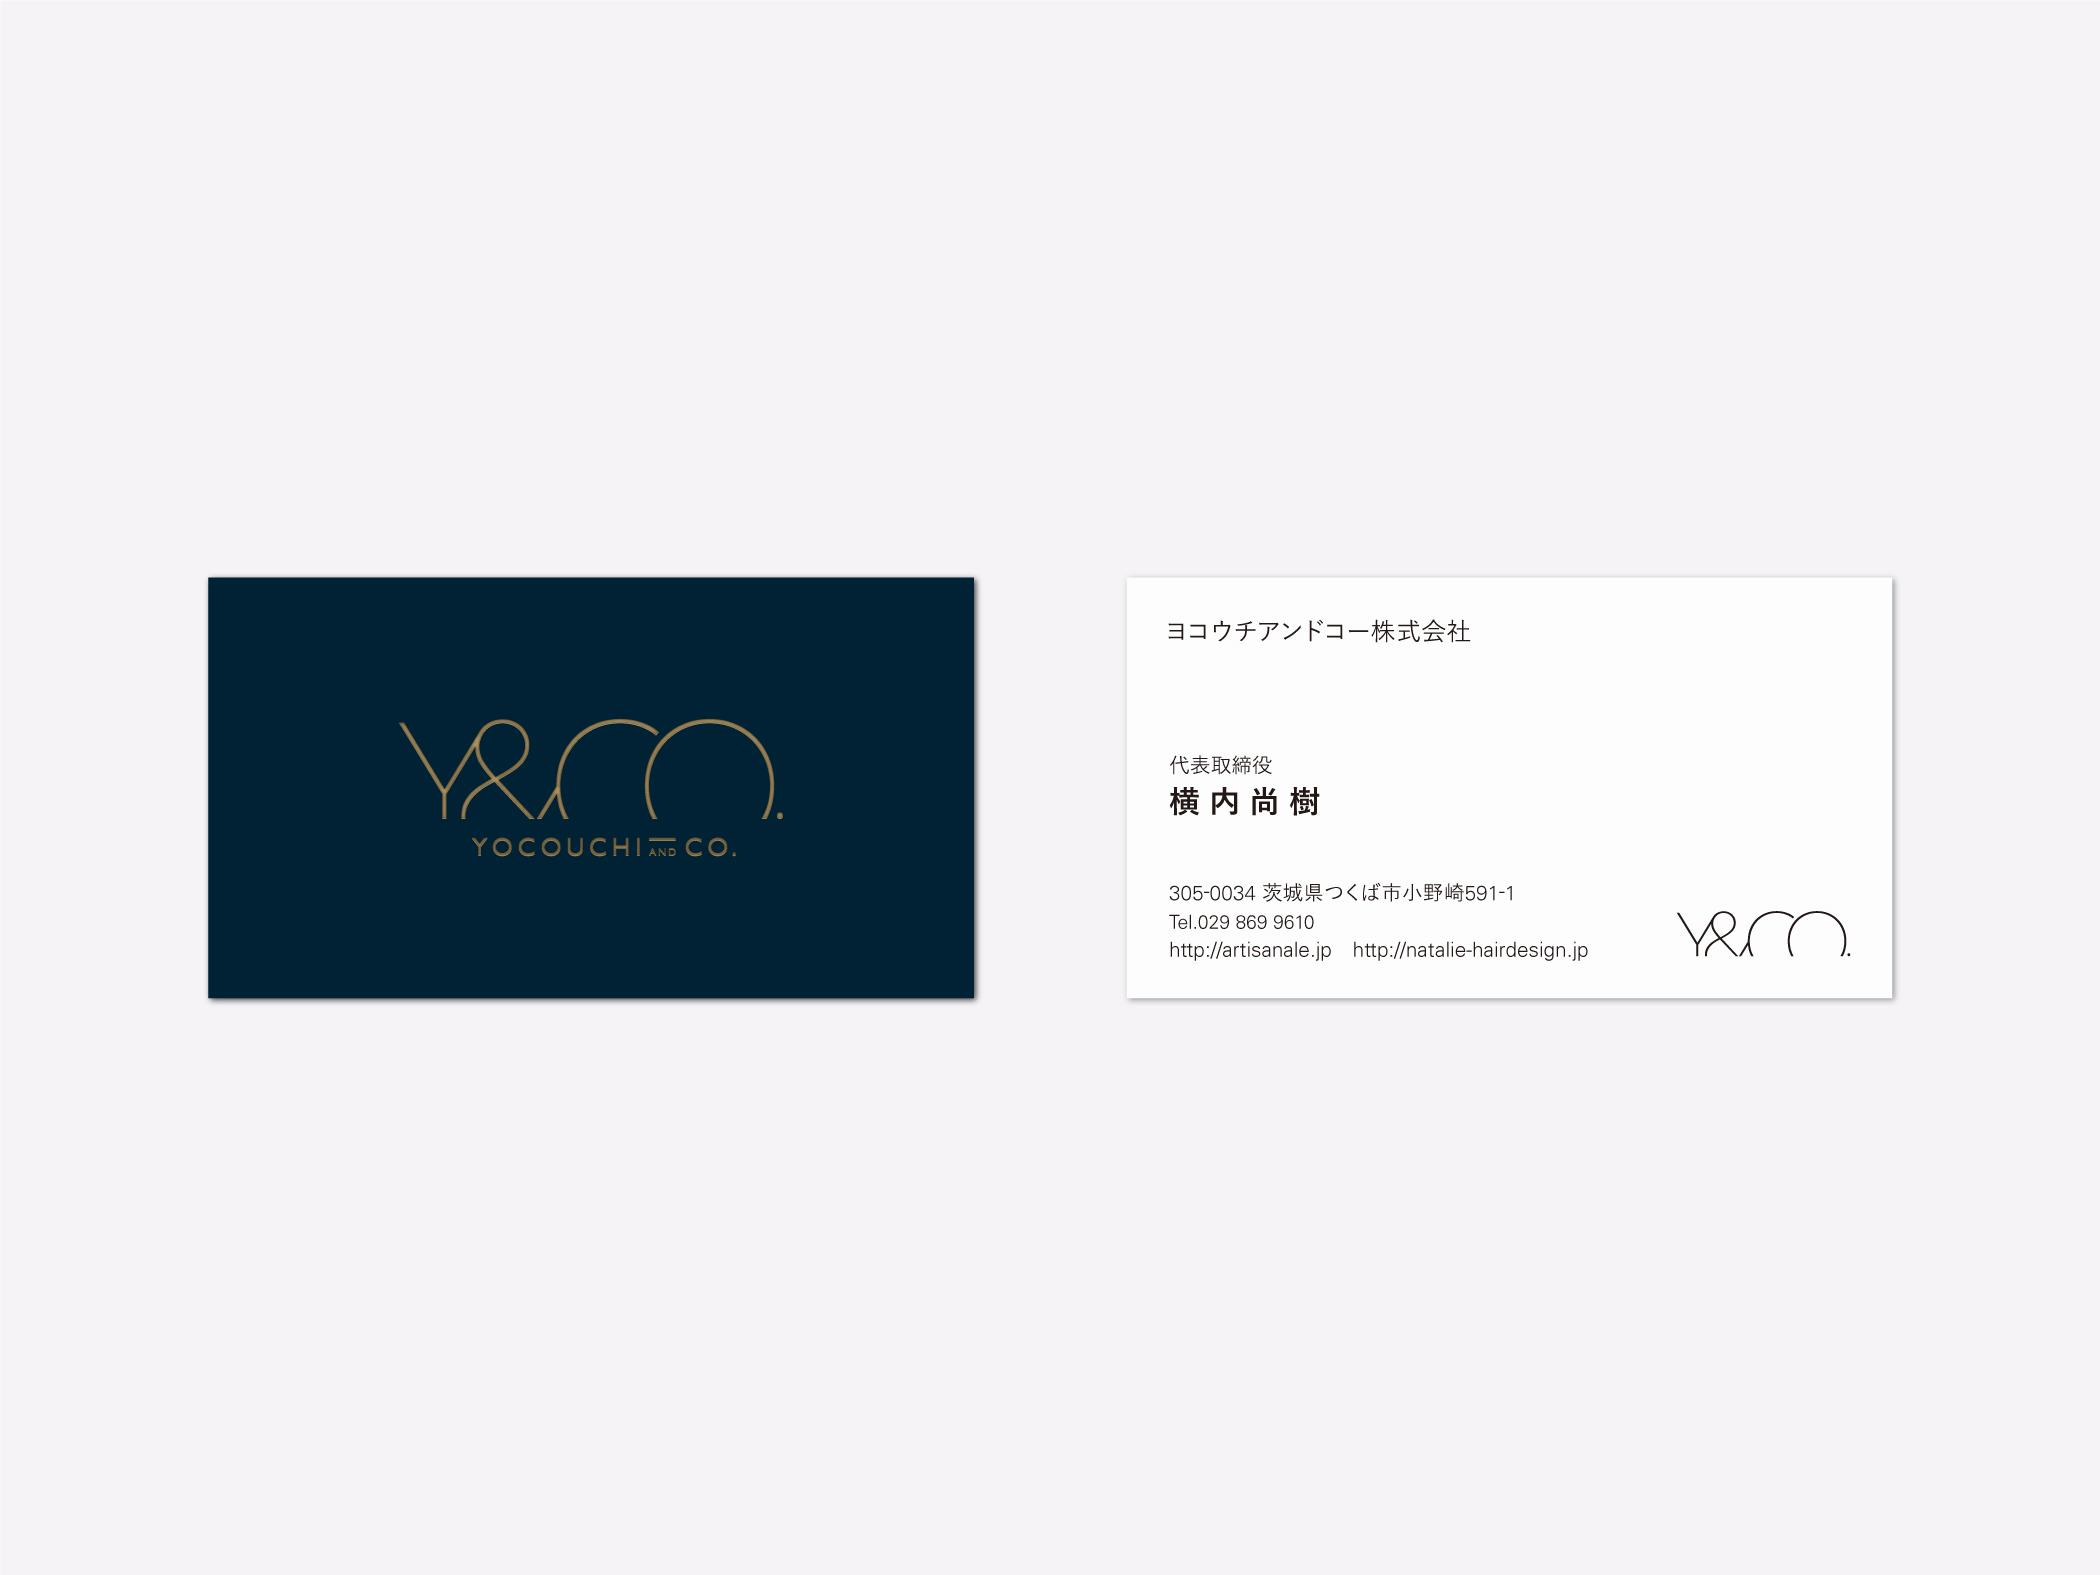 Yocouchi & Co.株式会社の名刺